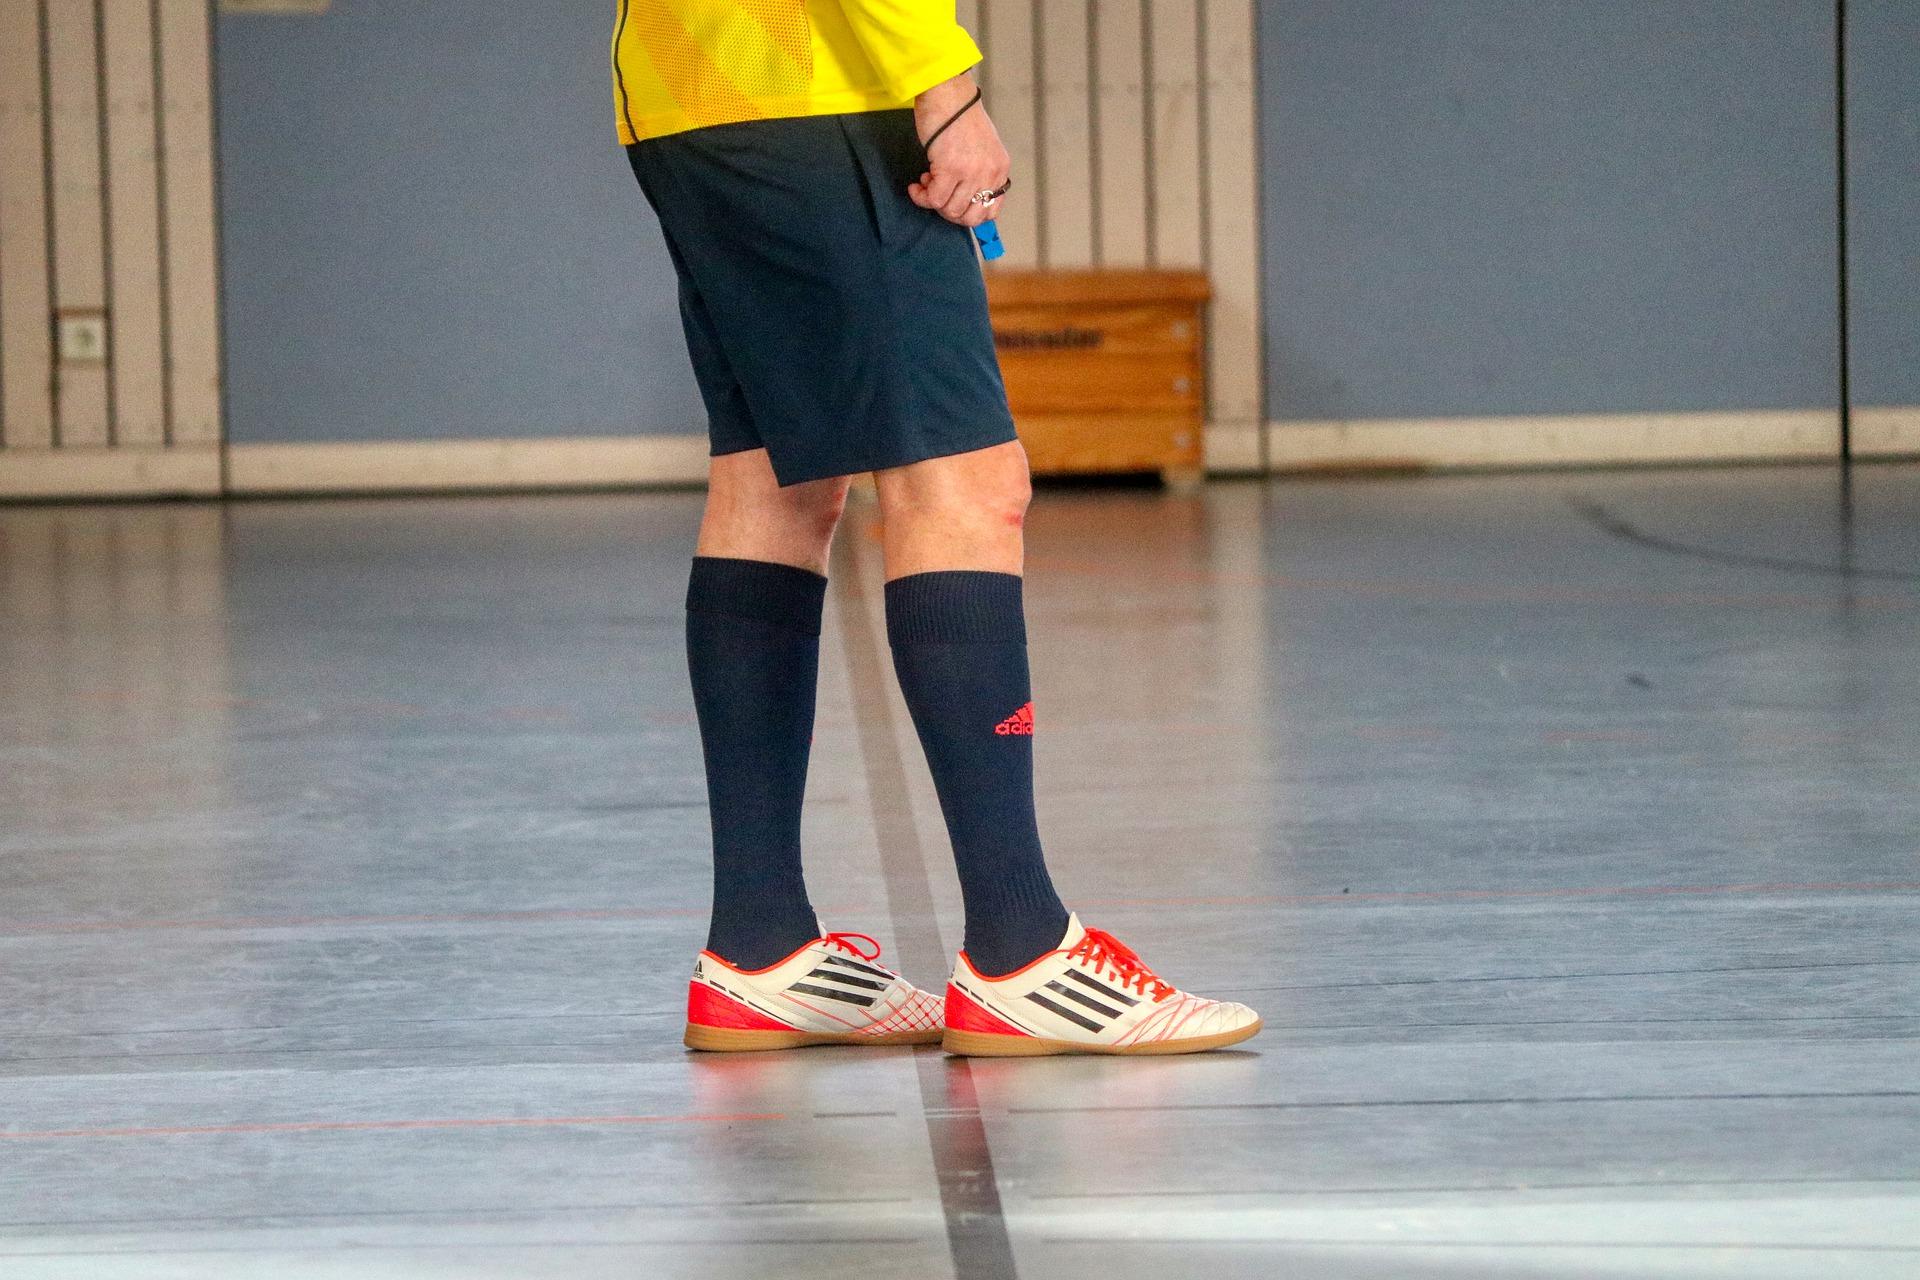 futbolista usando zapatillas de sala